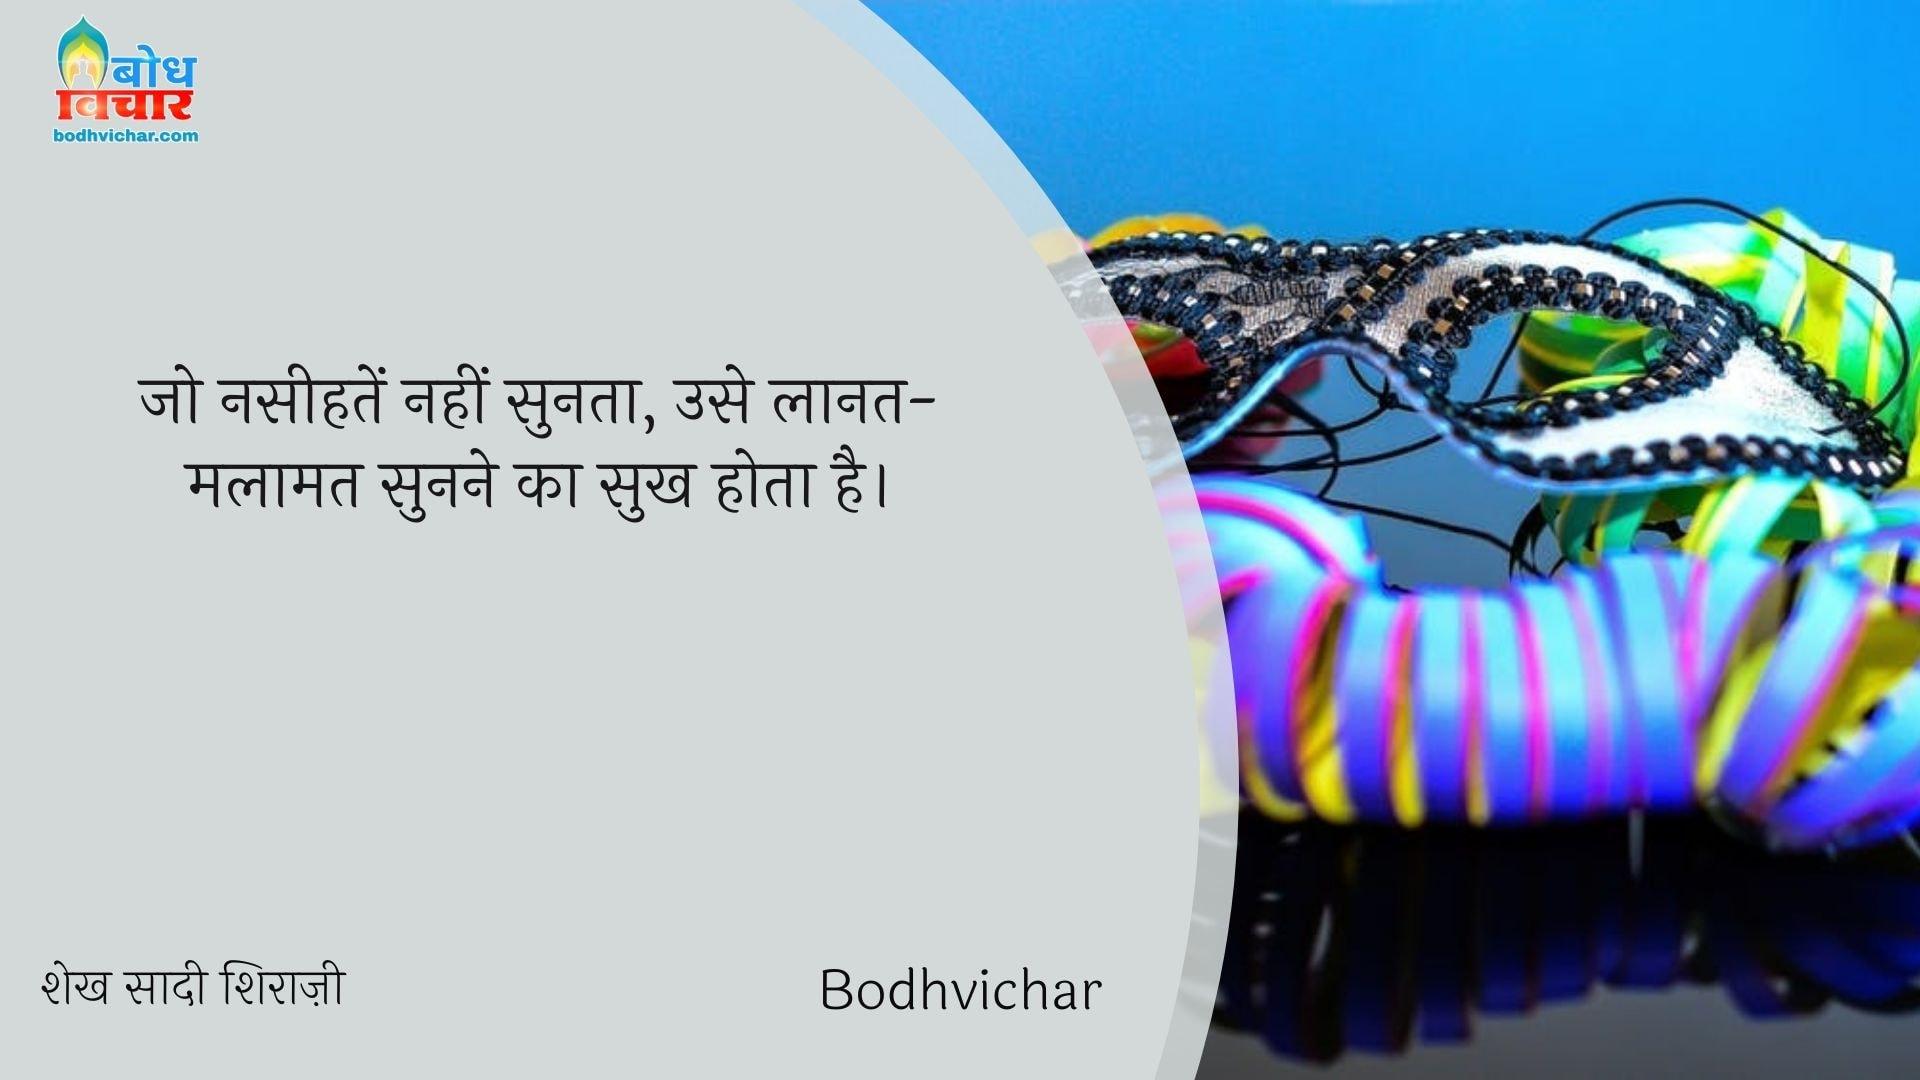 जो नसीहतें नहीं सुनता, उसे लानत-मलामत सुनने का सुख होता है। : Jo naseehatein nahi sunta use laanat-malamat sunne ka sukh hota hai. - शेख सादी शिराज़ी